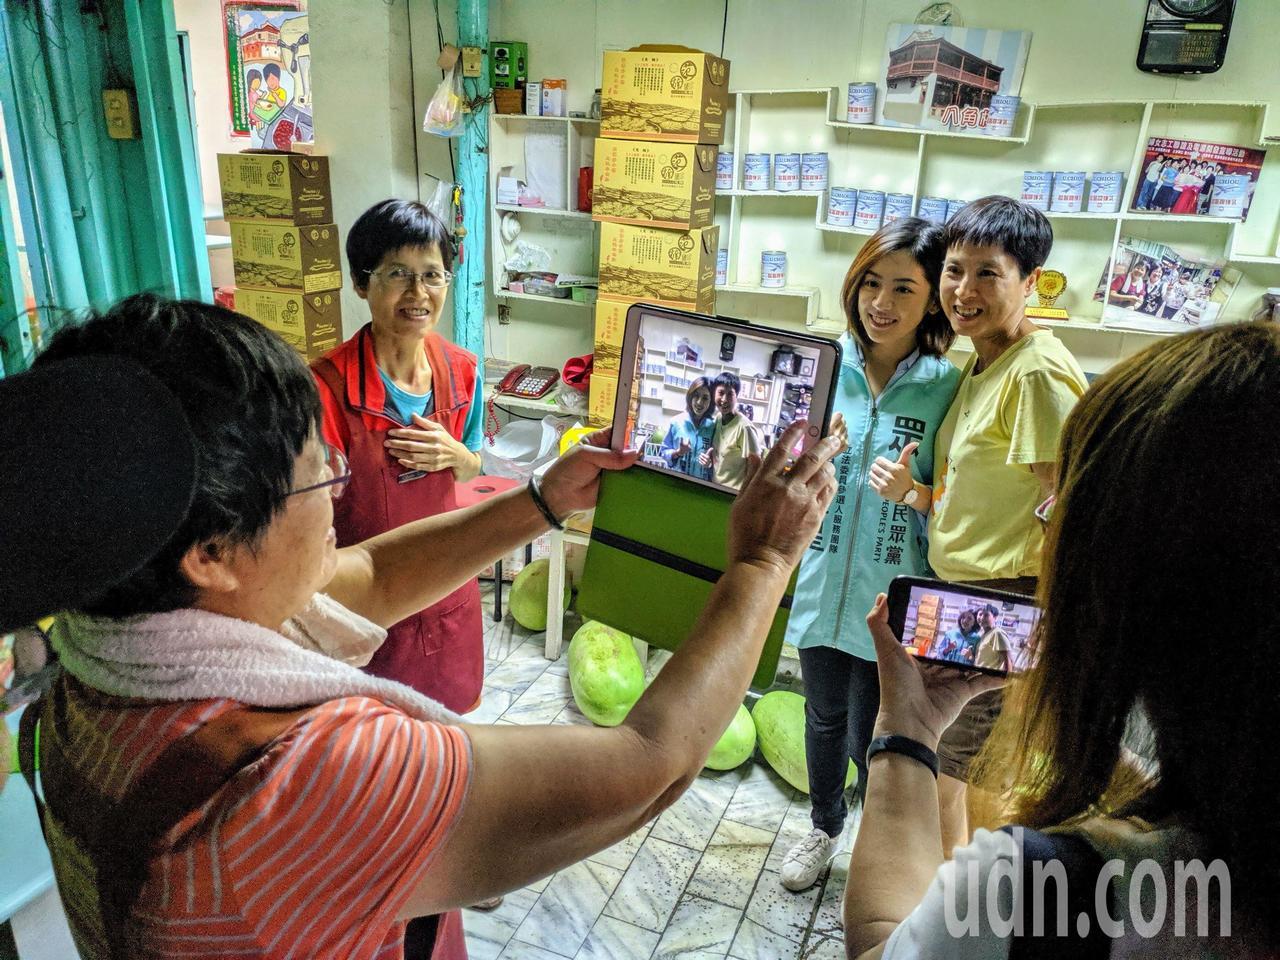 台北市副发言人「学姐」黄瀞莹今天现身台南盐水市区,粉丝争相合影。图/读者提供